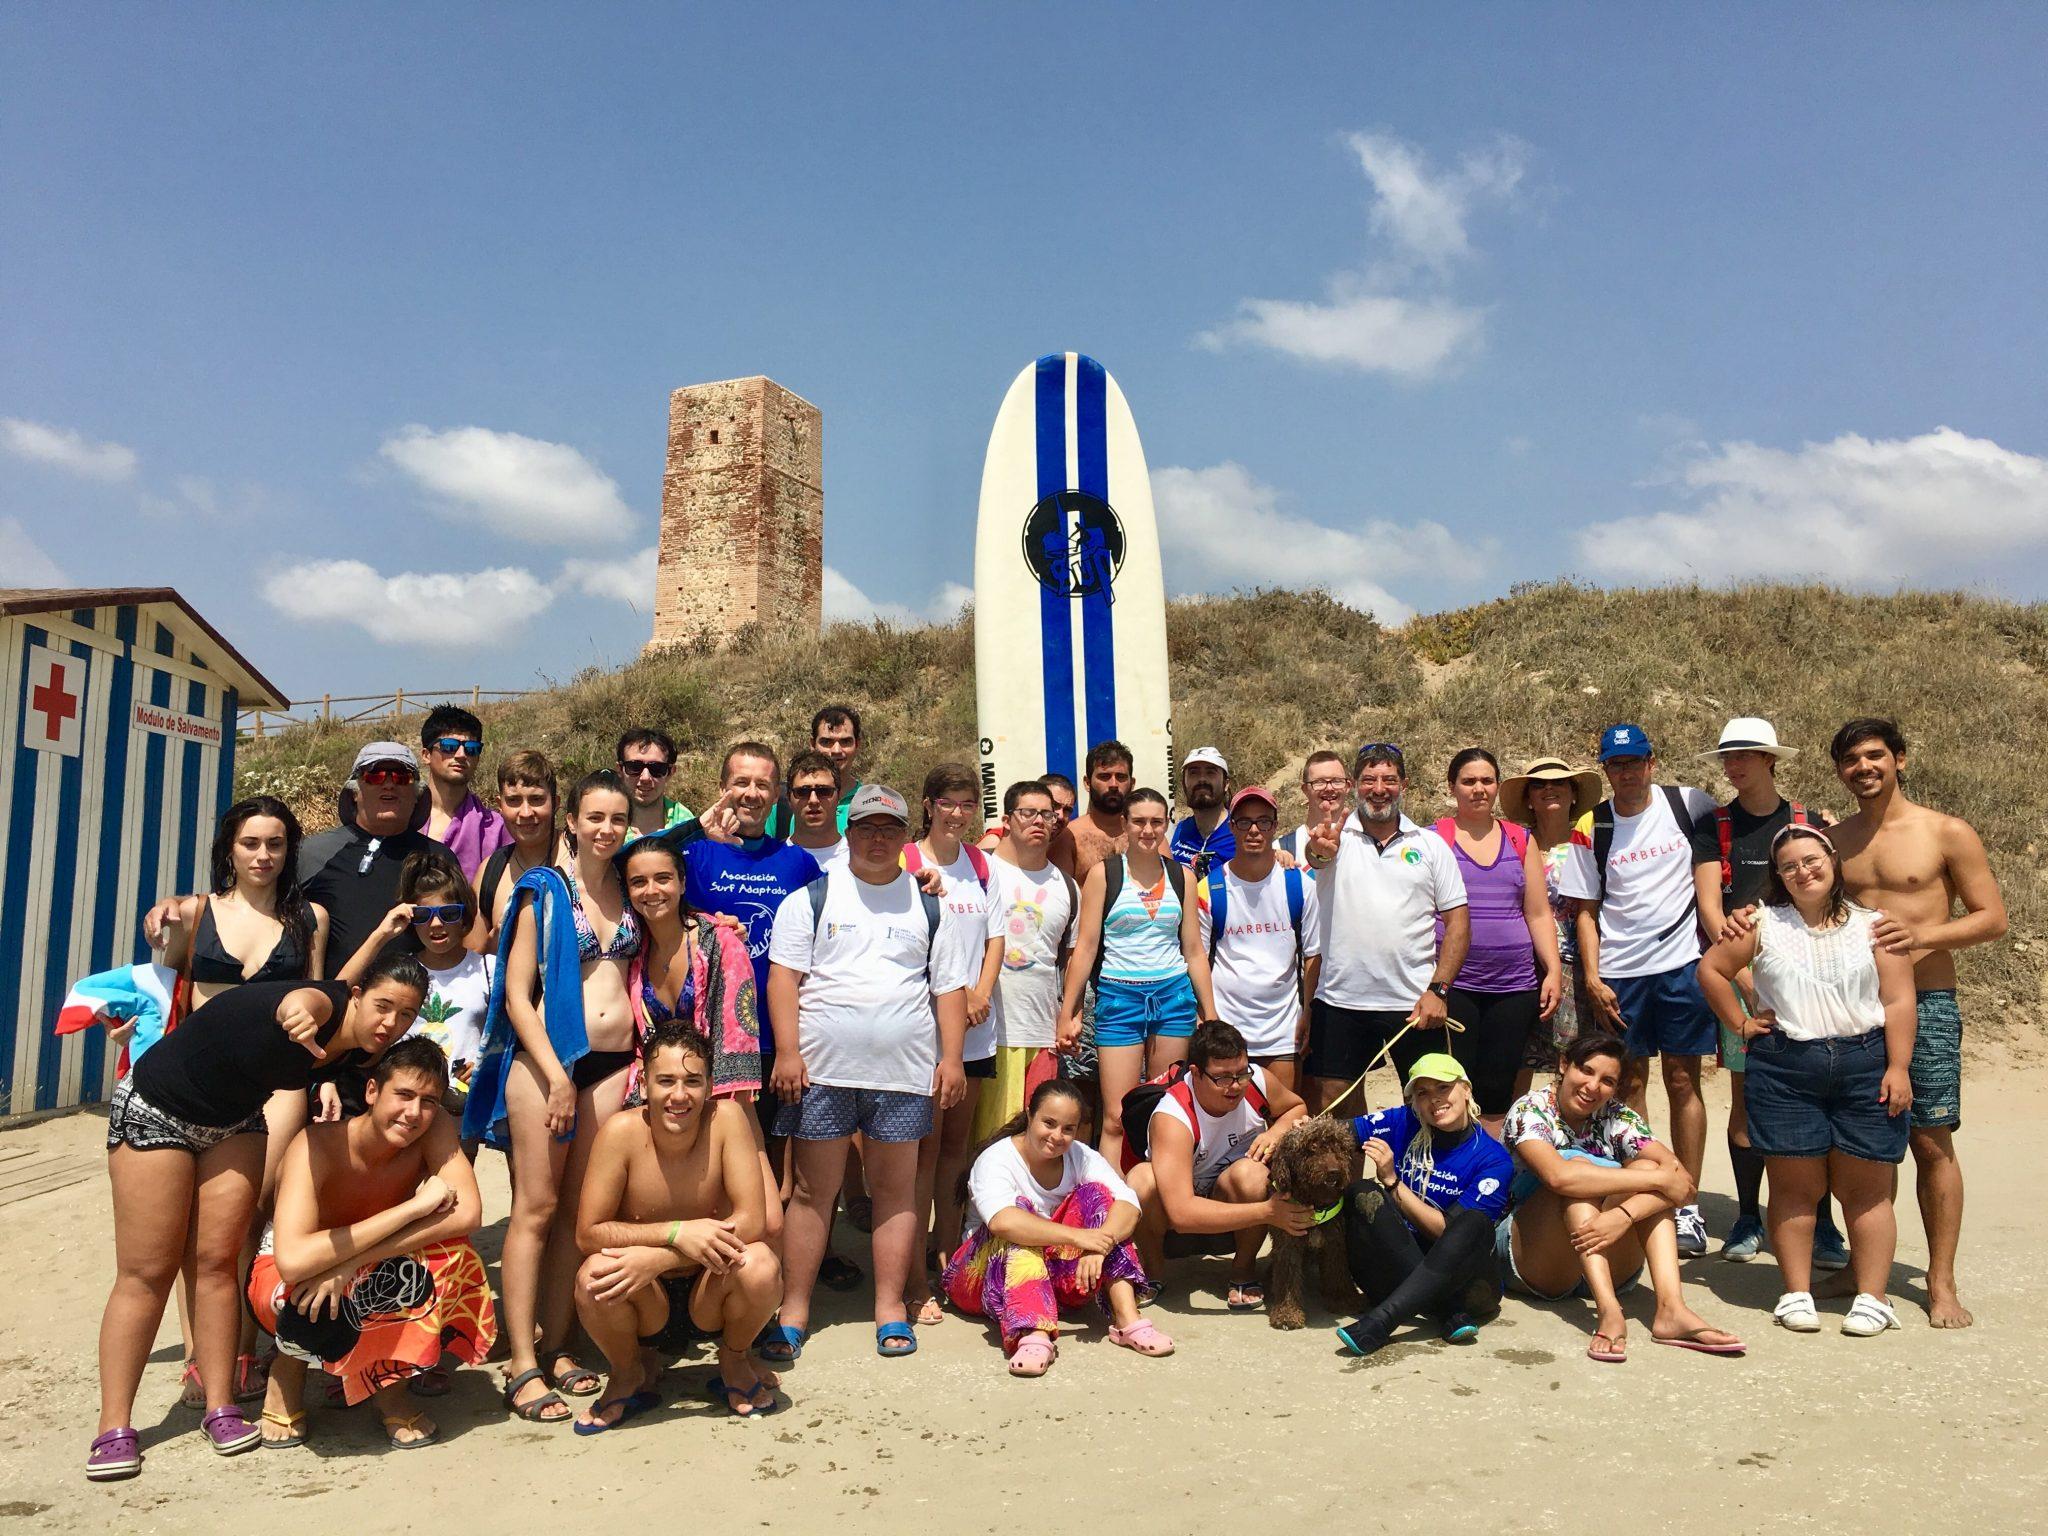 Éxito de participación en las I Jornadas Náuticas organizadas por la FANDDI en Marbella